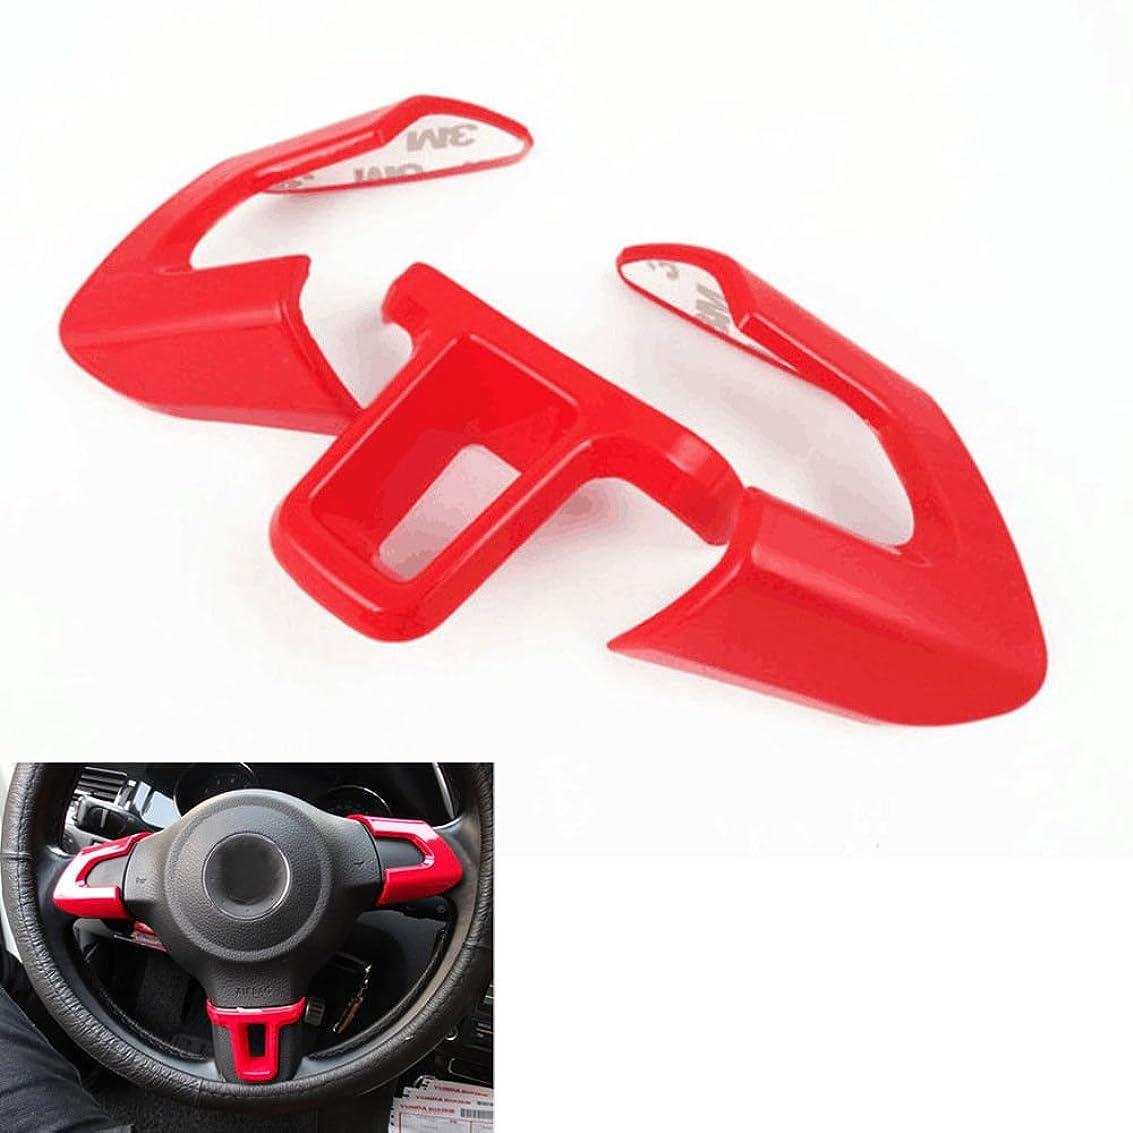 決定する反発専門知識Jicorzo - 3x Chrome Red Steering Wheel Cover Trim Unique Car Styling Sticker Fit For VW Golf MK6 POLO Bora 2013 2014